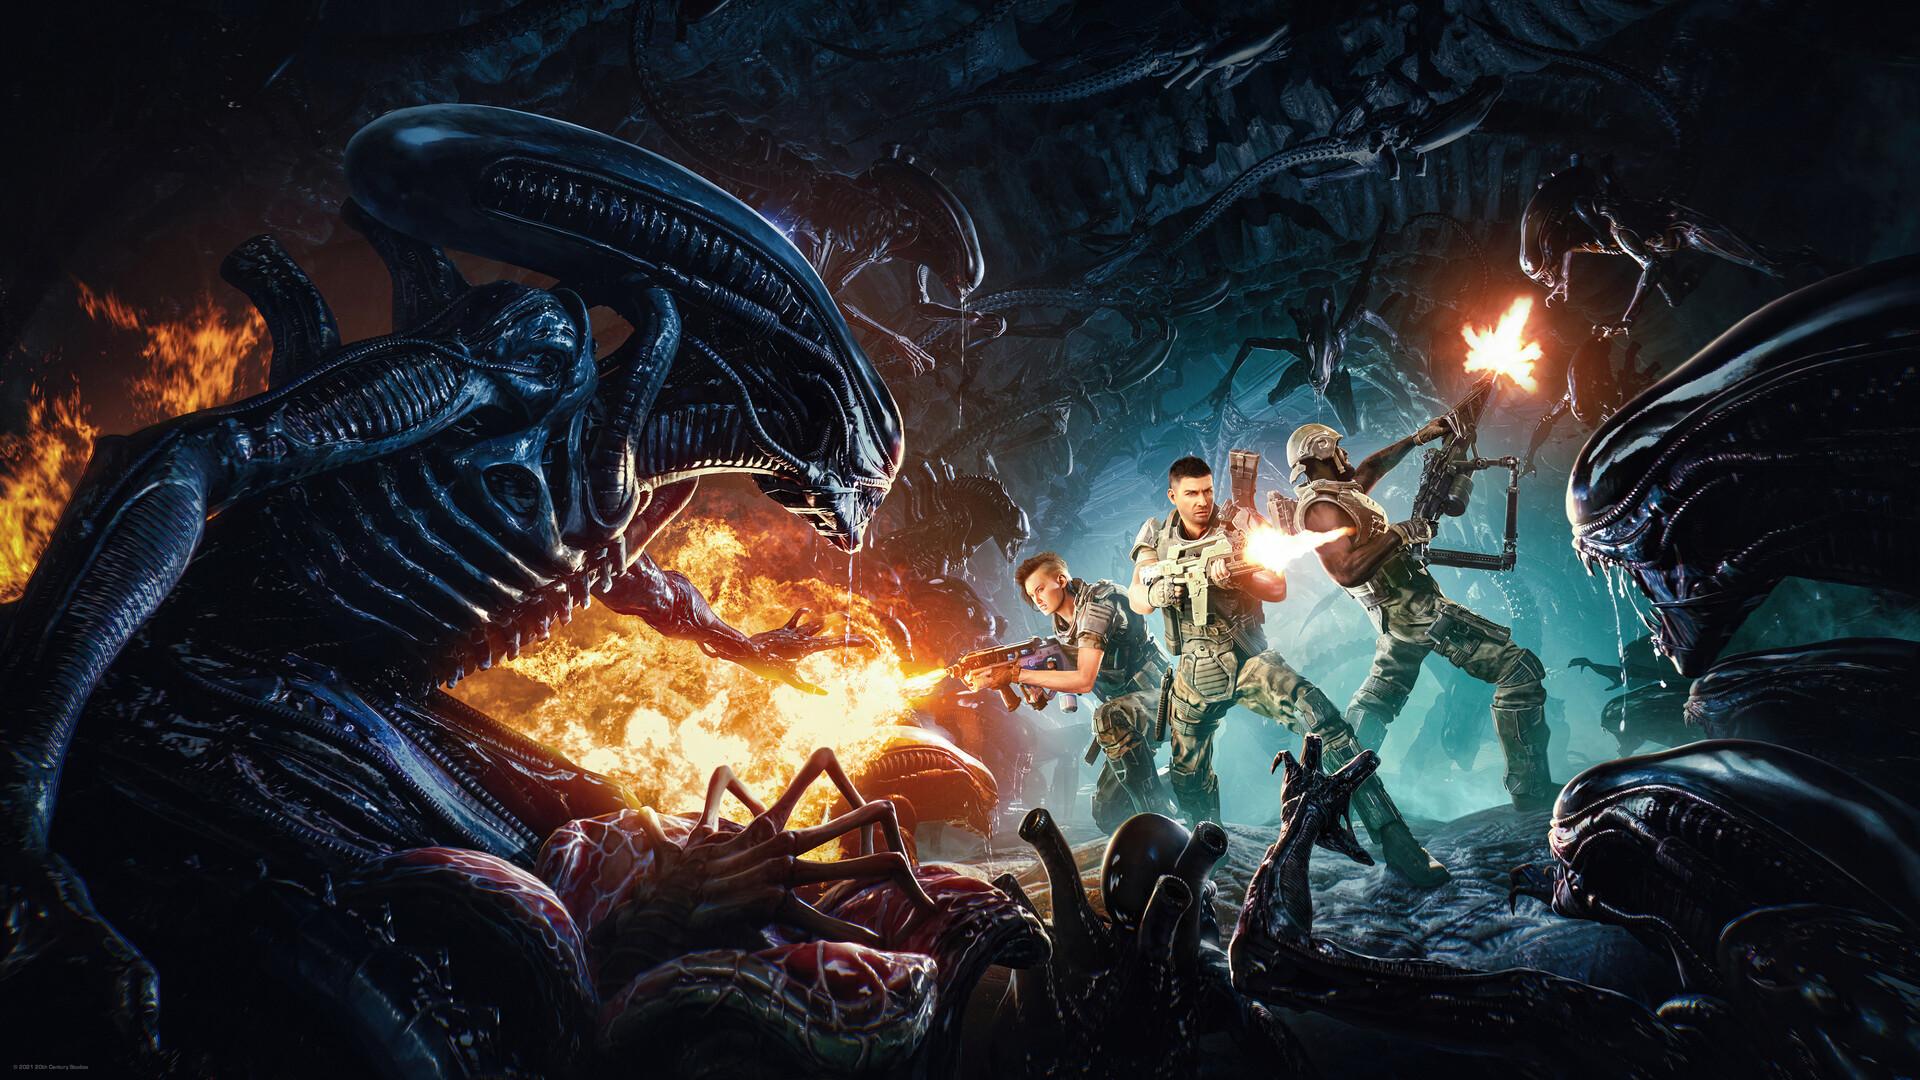 วิดีโอตัวอย่างเกมเพลย์แรกจากเกม Aliens: Fireteam โชว์การเล่นภารกิจ Co-op พร้อมต่อสู้กับเหล่าเอเลี่ยนสุดสยอง